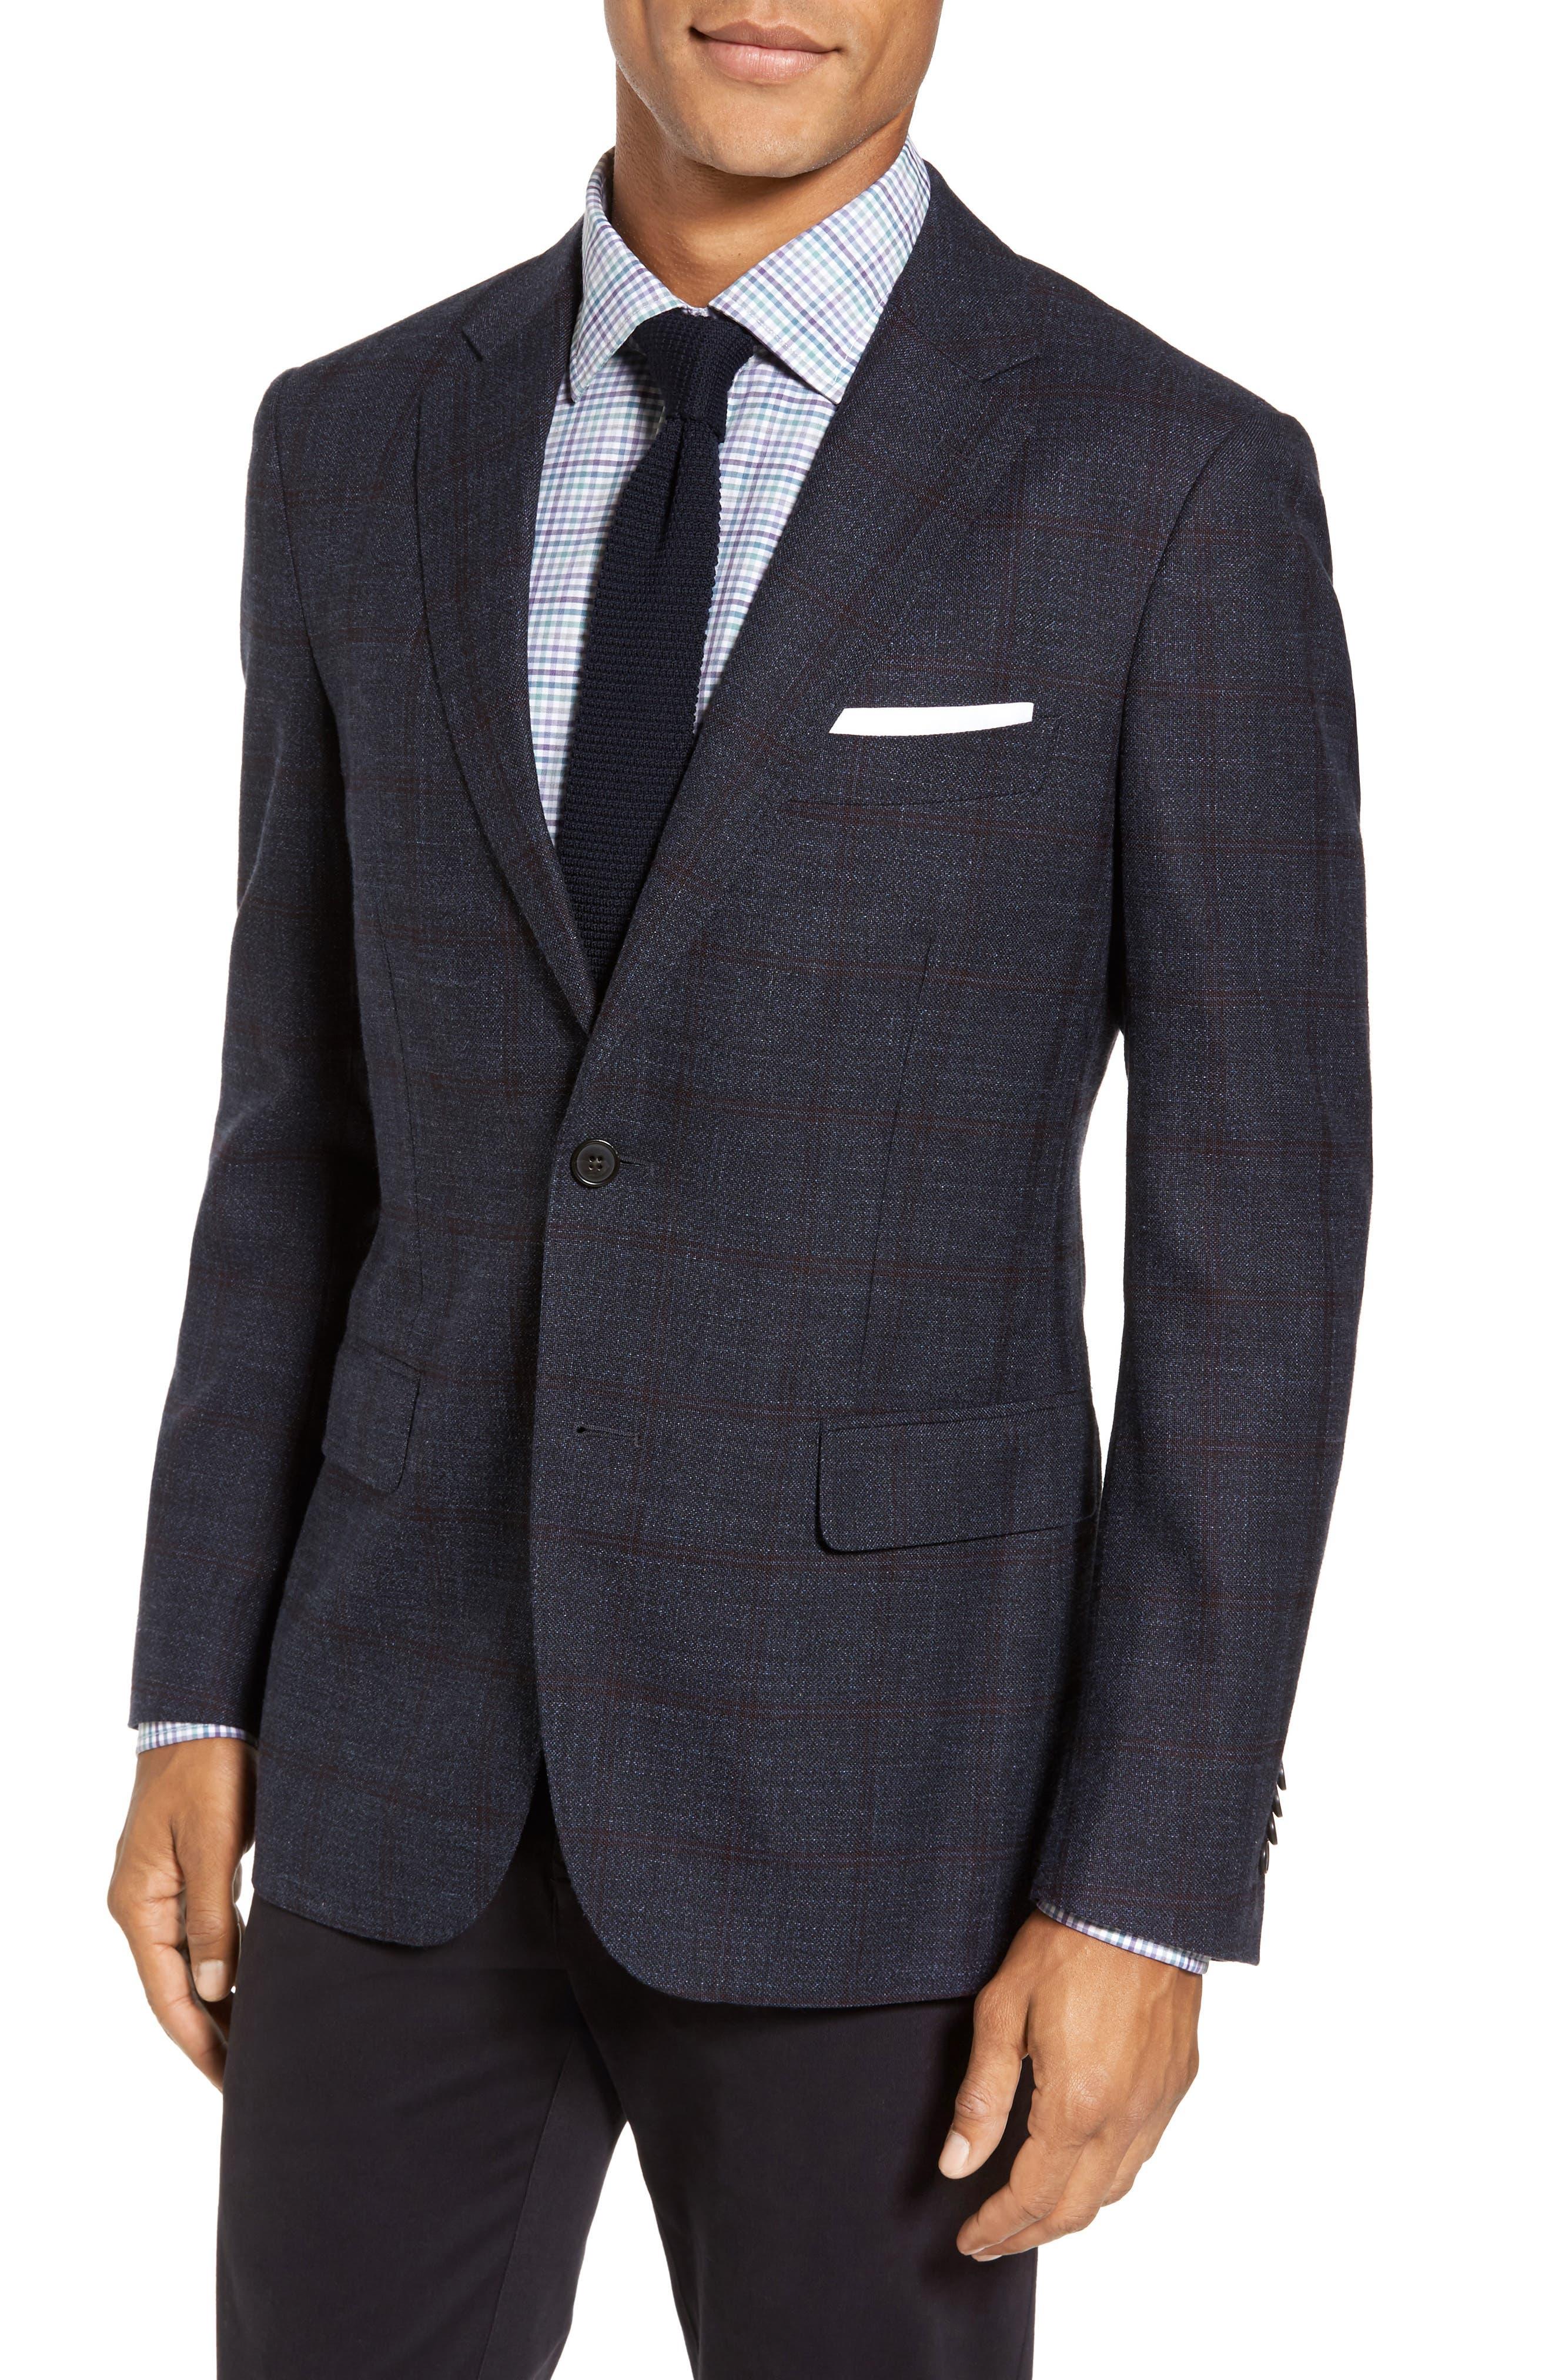 Main Image - Rodd & Gunn Glenside Wool Blend Sport Coat